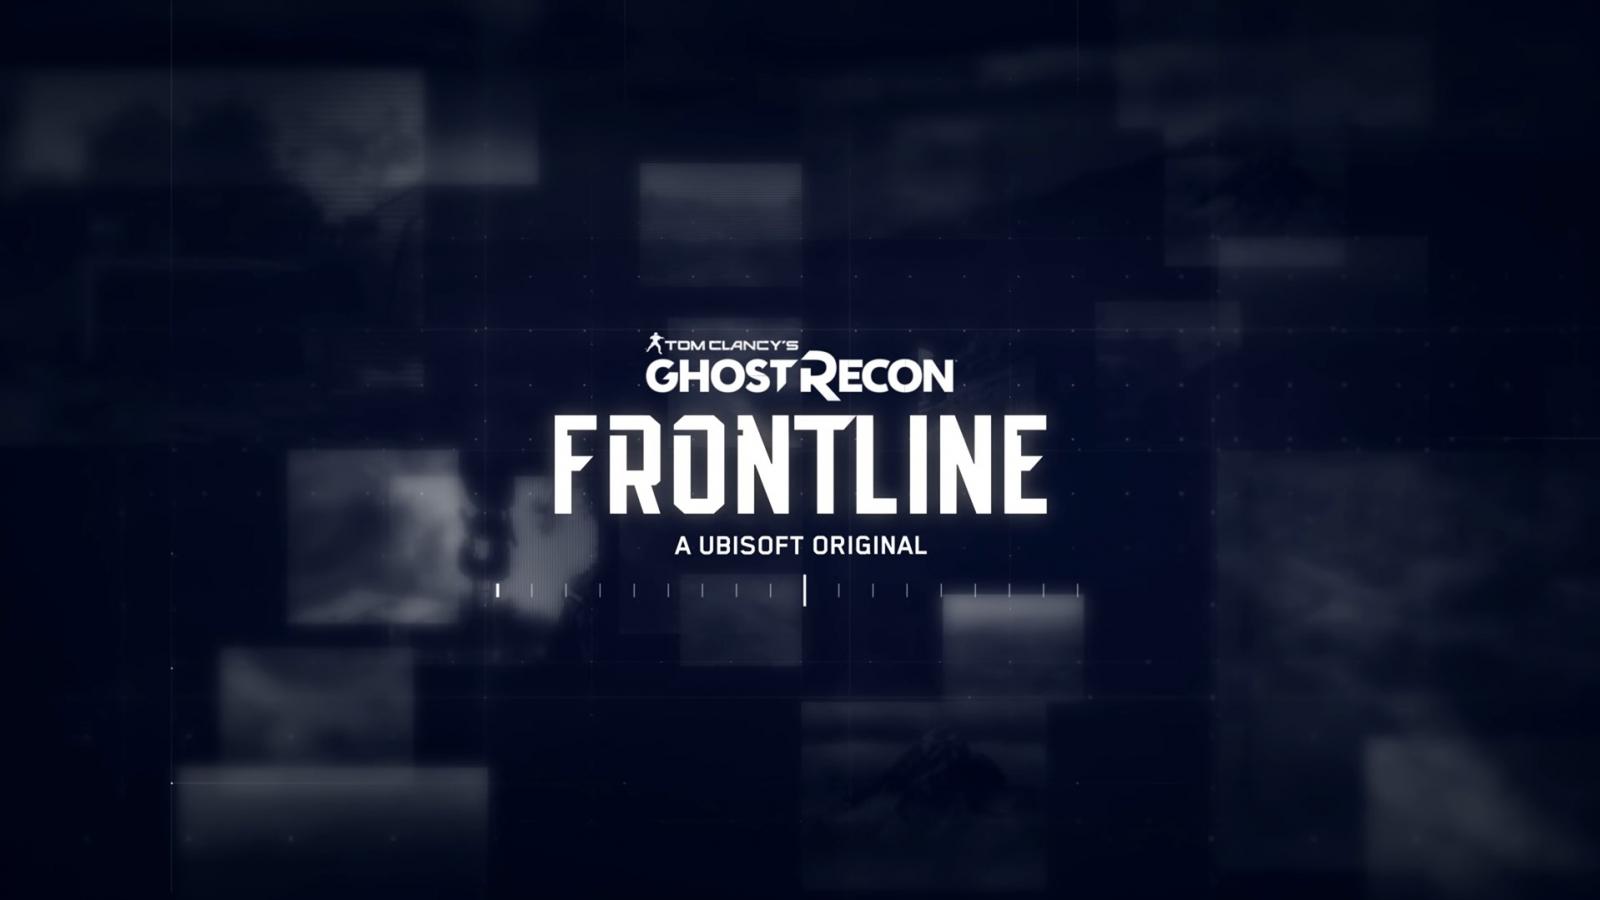 Ghost Recon Frontline es el nuevo battle royale desarrollado por Ubisoft y el primer Ghost Recon se encuentra gratis en pc junto a otros contenidos